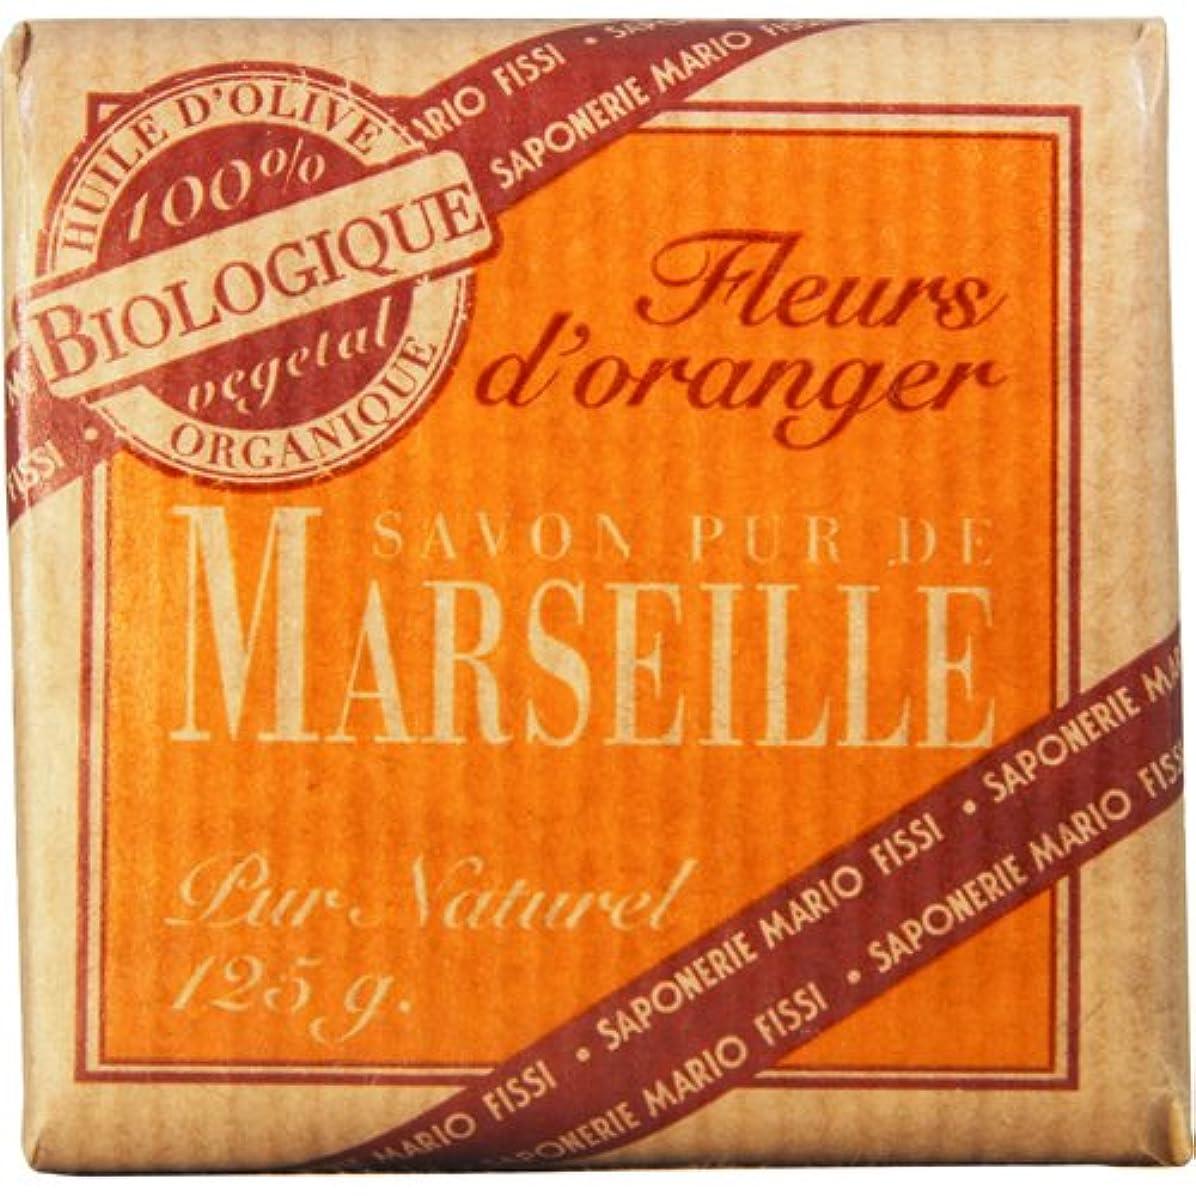 概要吐き出すウイルスSaponerire Fissi マルセイユシリーズ マルセイユソープ 125g Orange Flower オレンジフラワー